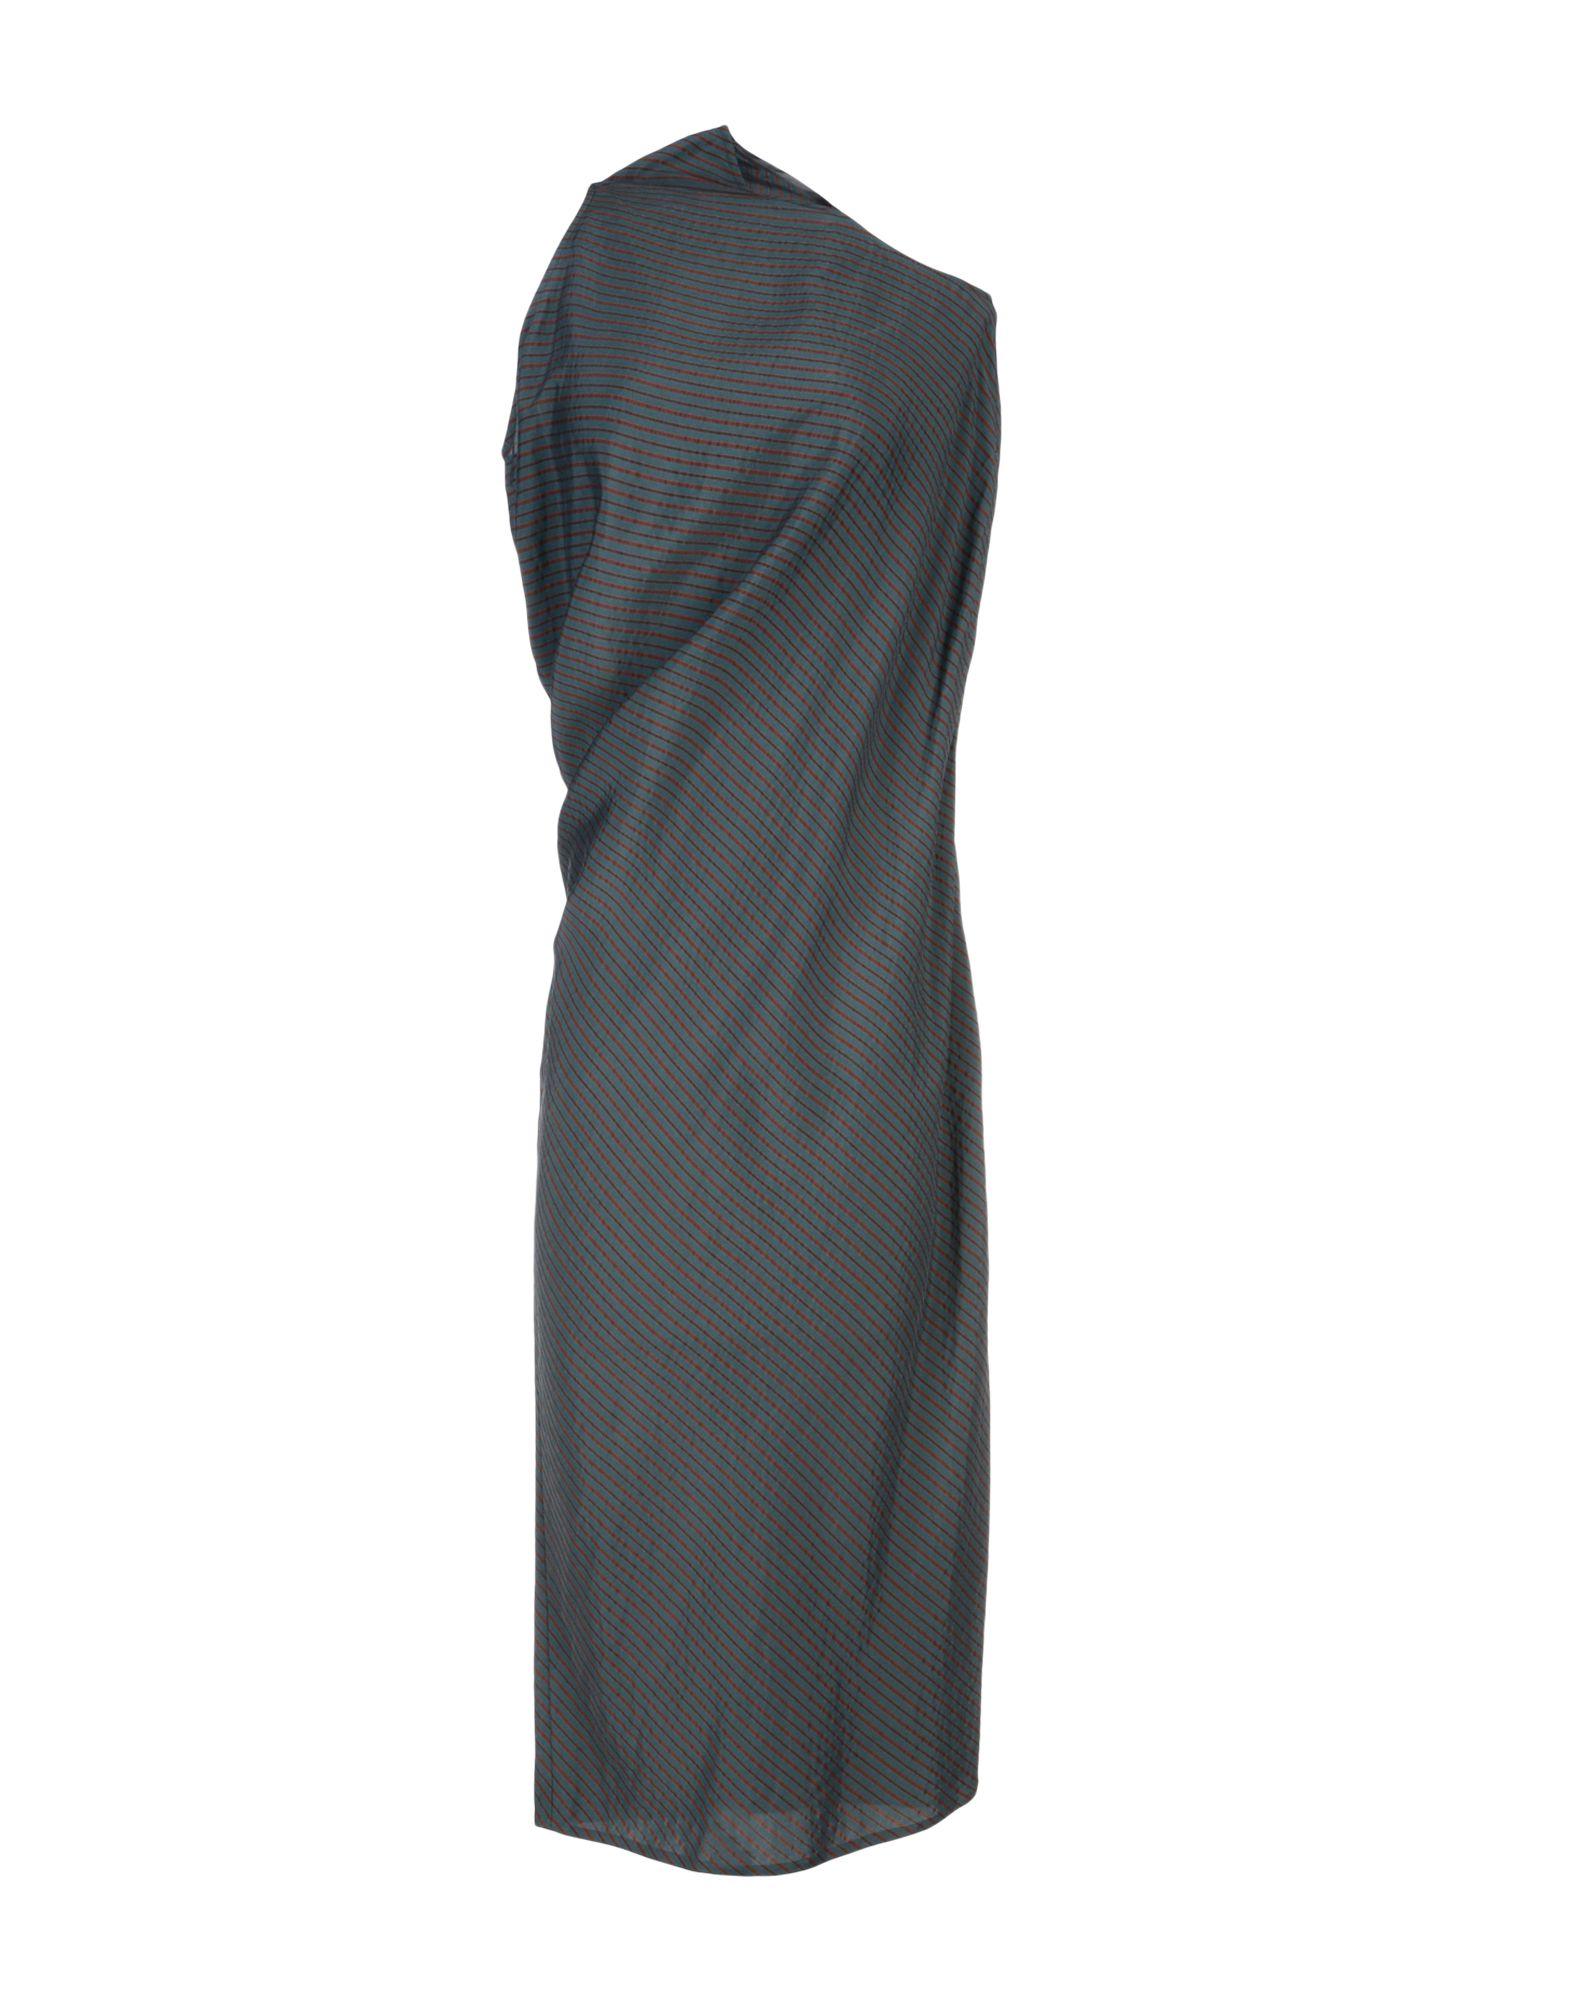 Vestito Lungo Mm6 Maison Margiela Donna - Acquista online su VLJX6